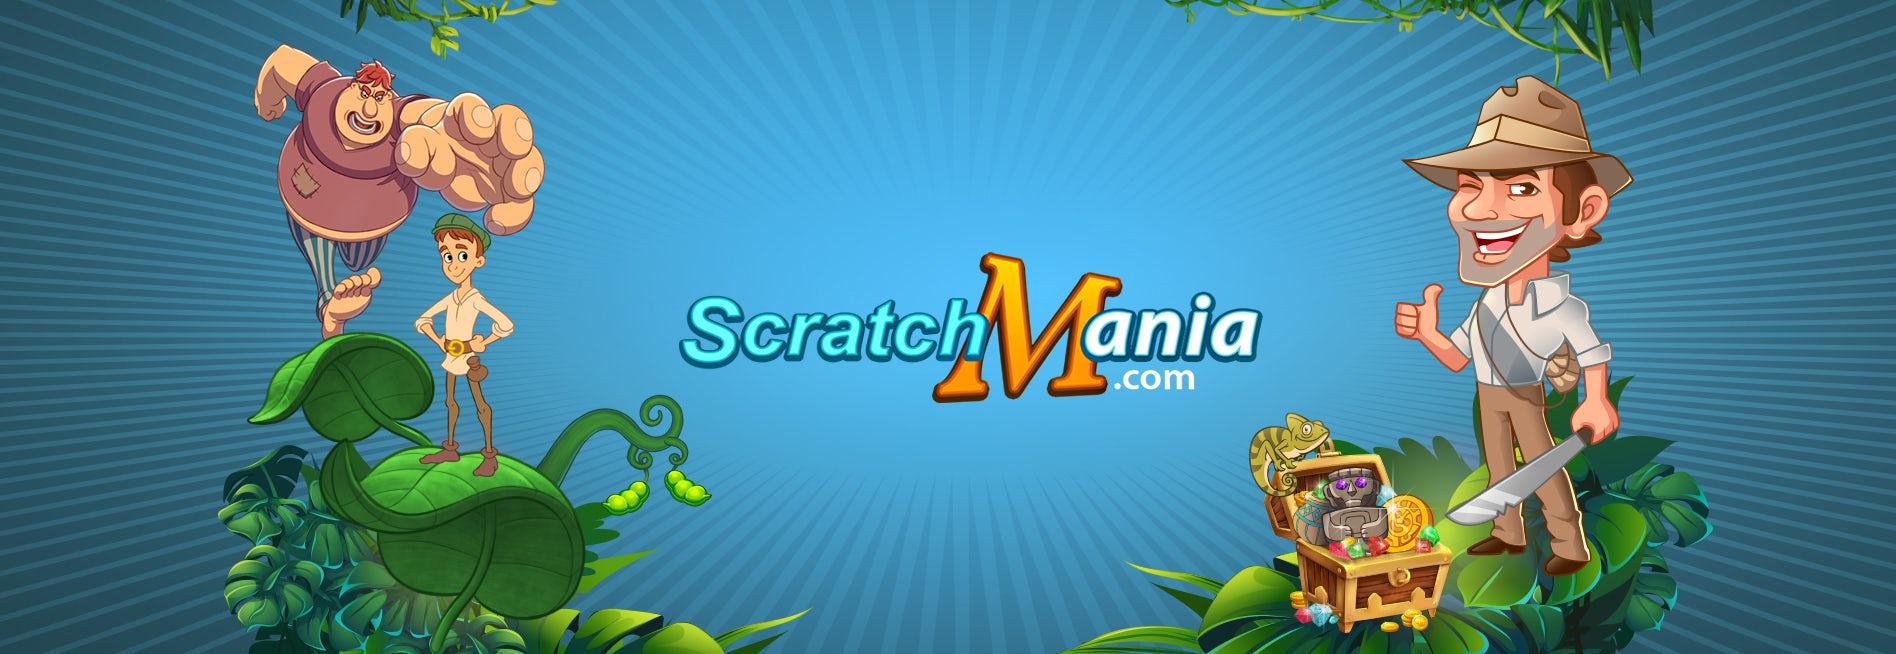 scratchmania casino avis